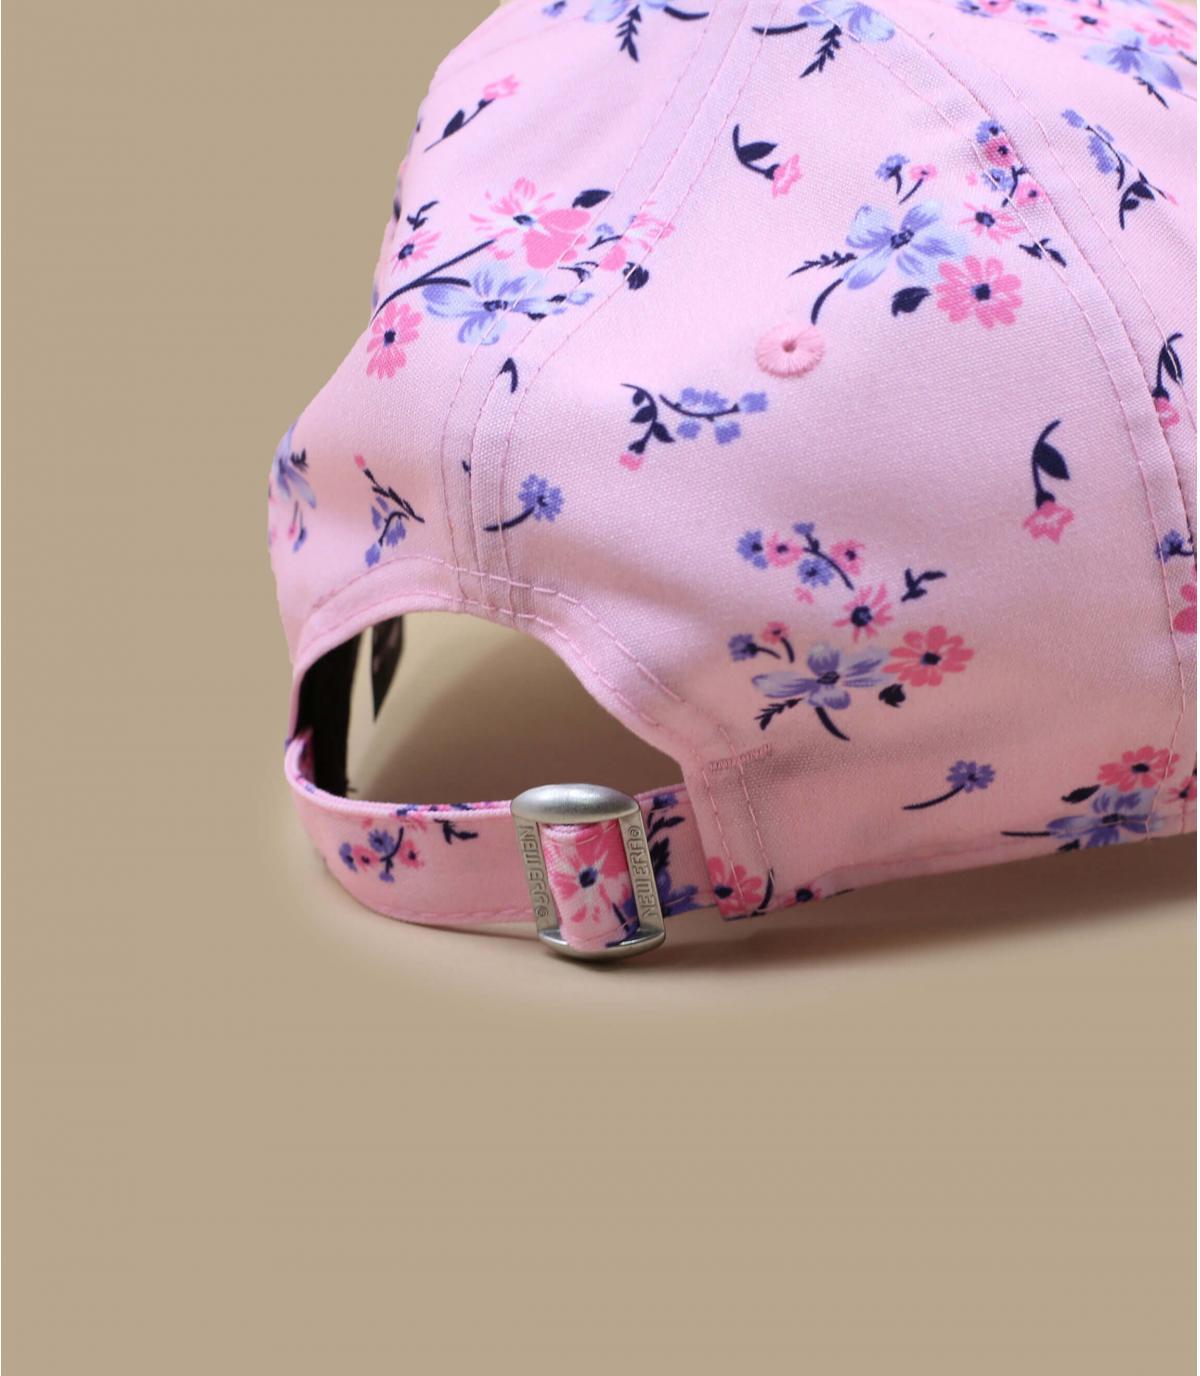 Détails Casquette Wmn Floral NY 940 pink - image 4